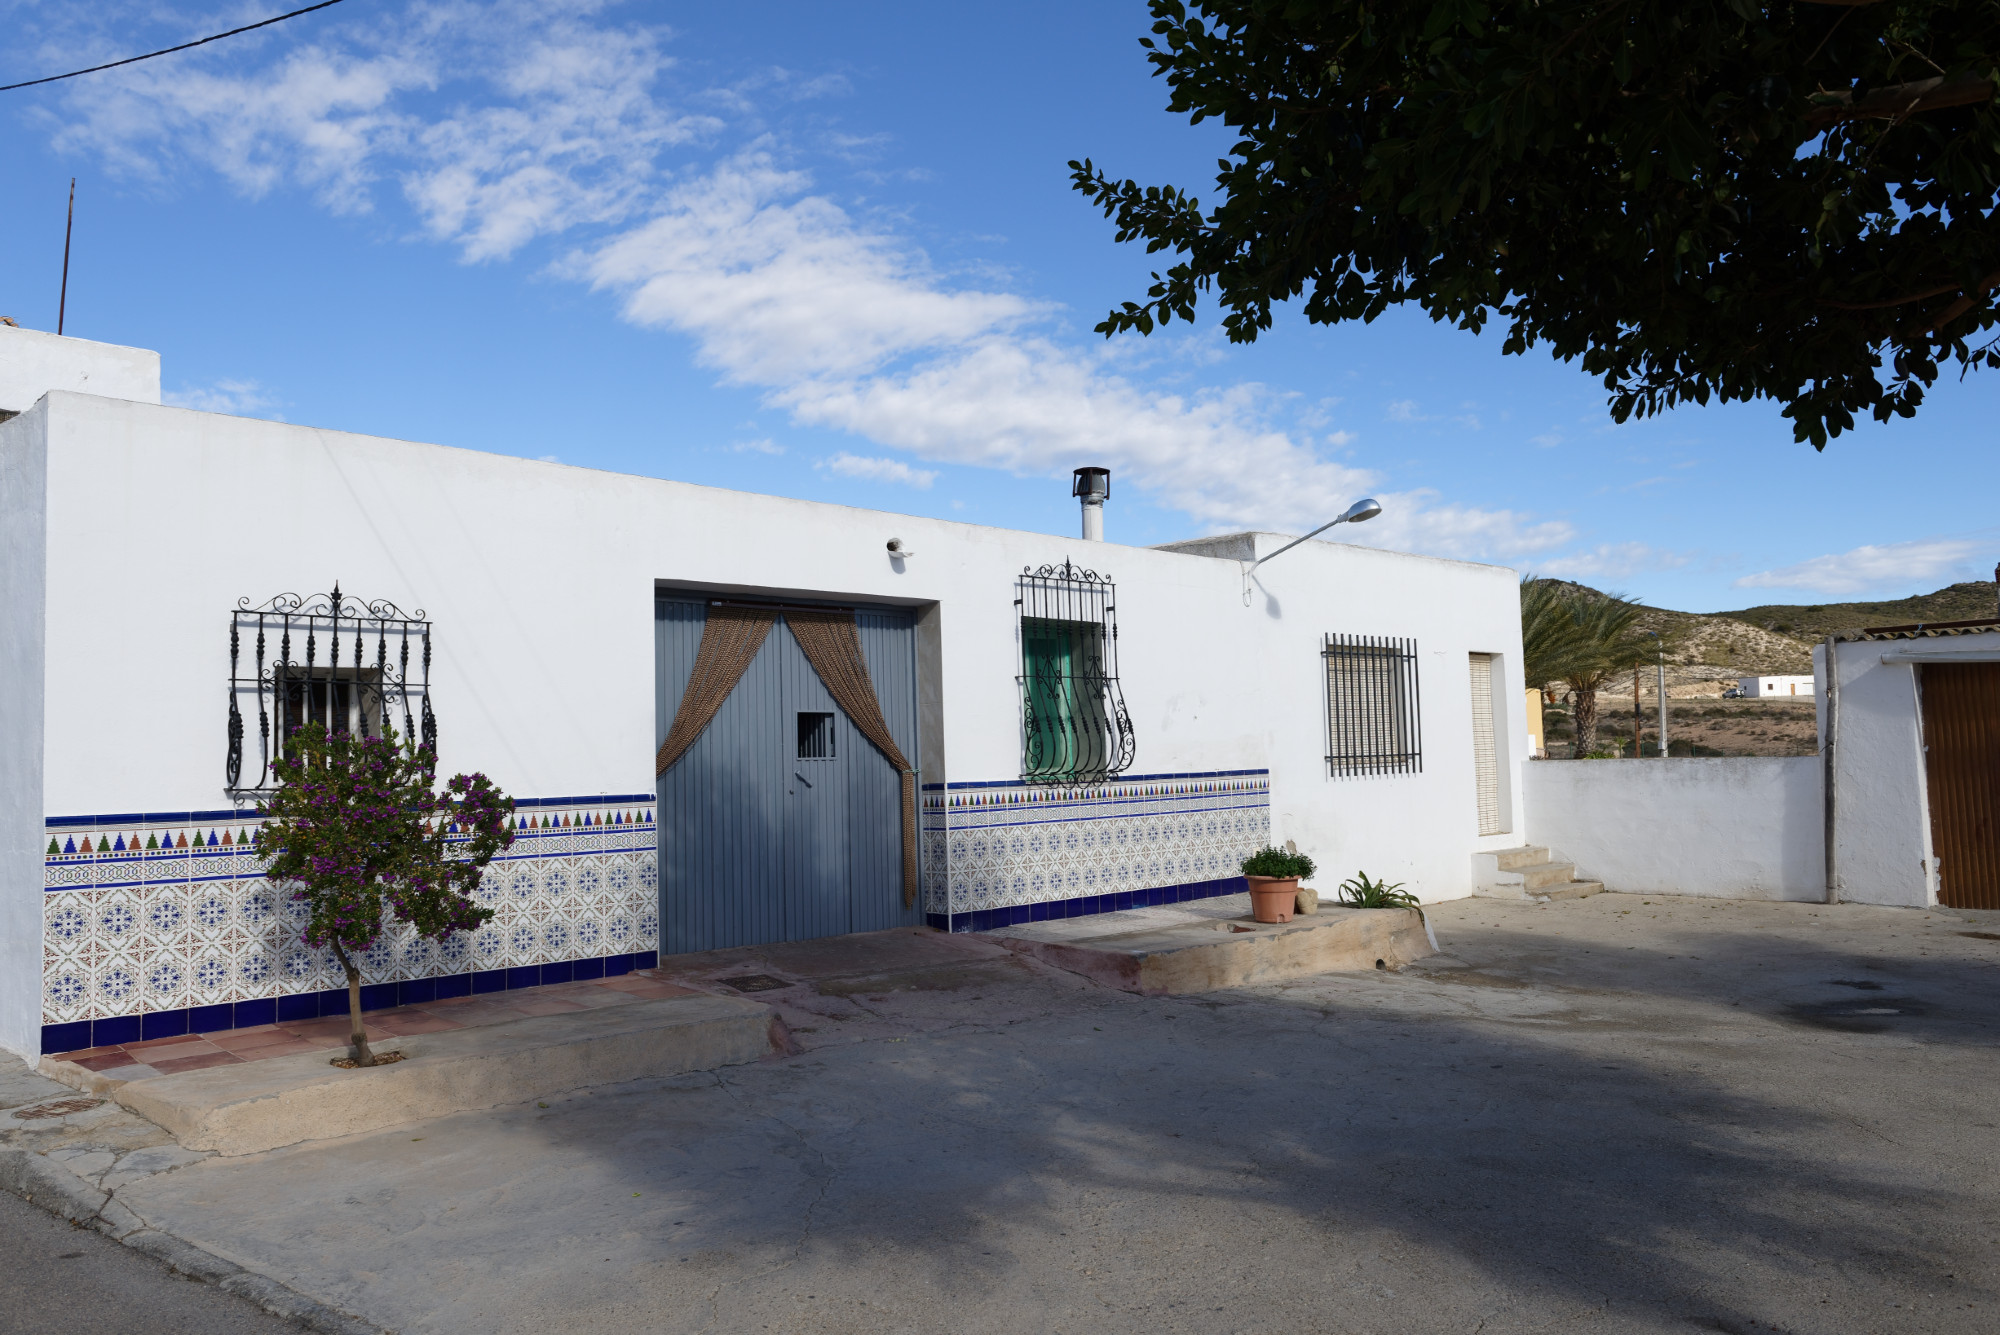 171216-Region Carboneras El Argamason (Cabo de Gata-Andalousie) (17)